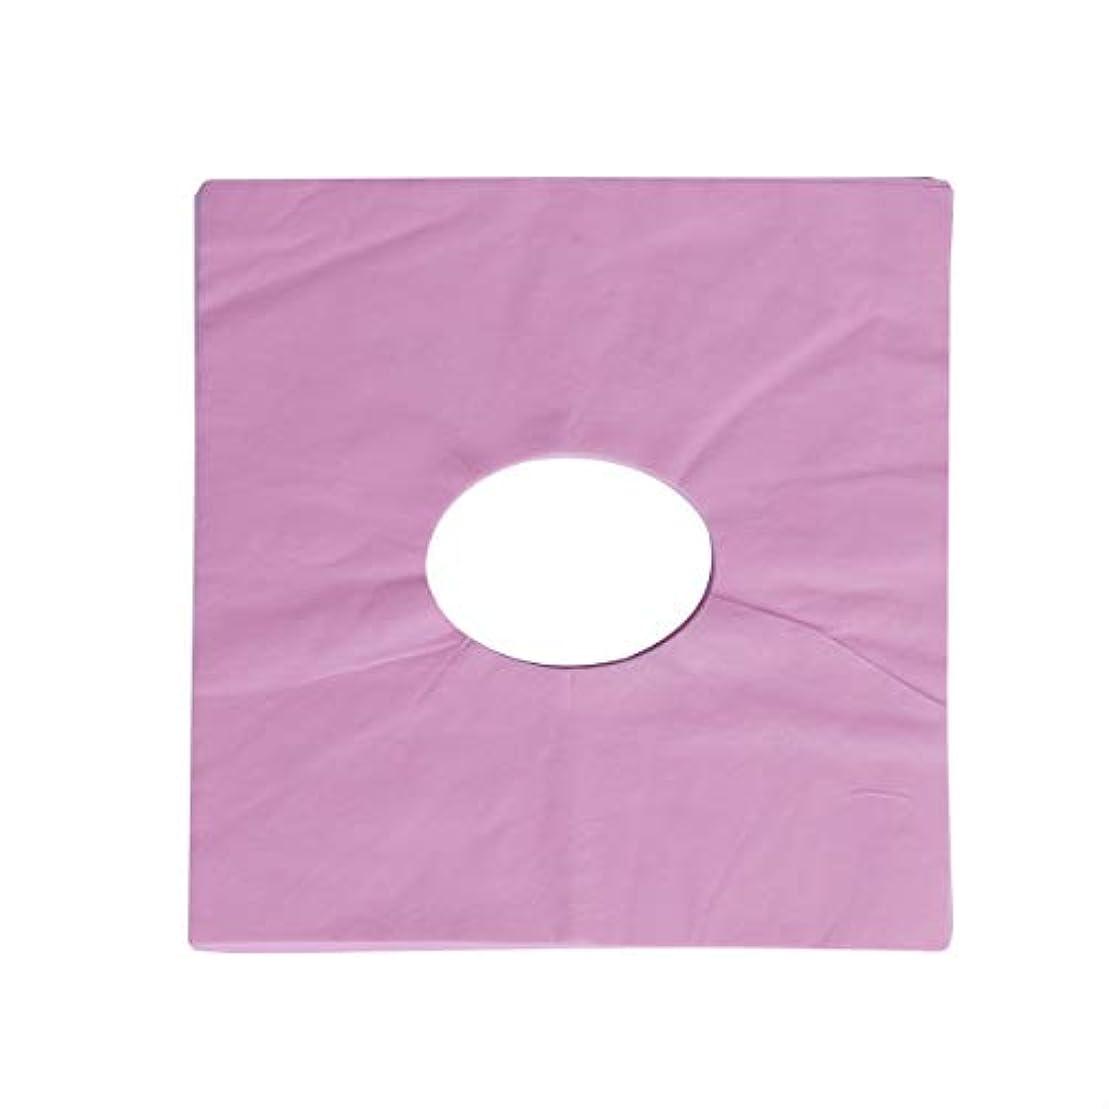 露骨な伸ばすせっかちSUPVOX 100ピース使い捨てマッサージフェイスクレードルカバーフェイスマッサージヘッドレストカバー用スパ美容院マッサージ(ピンク)